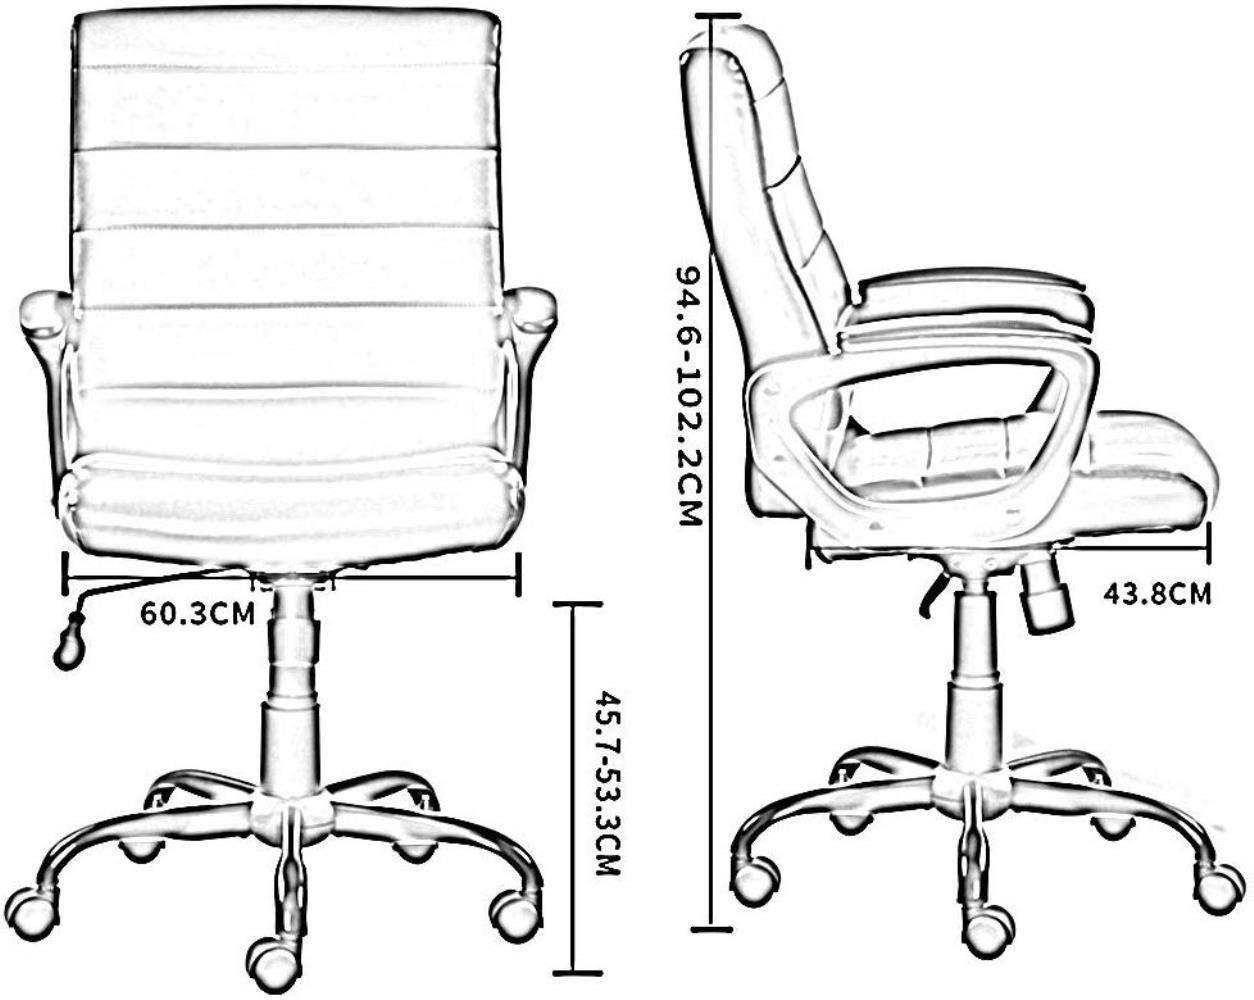 Barstolar THBEIBEI hem kontor skrivbordsstol spelstol datorstol uppgift stol lyft funktion mysig stillasittande är inte trött bärande vikt 250 kg 3 färger (färg: svart) Brun